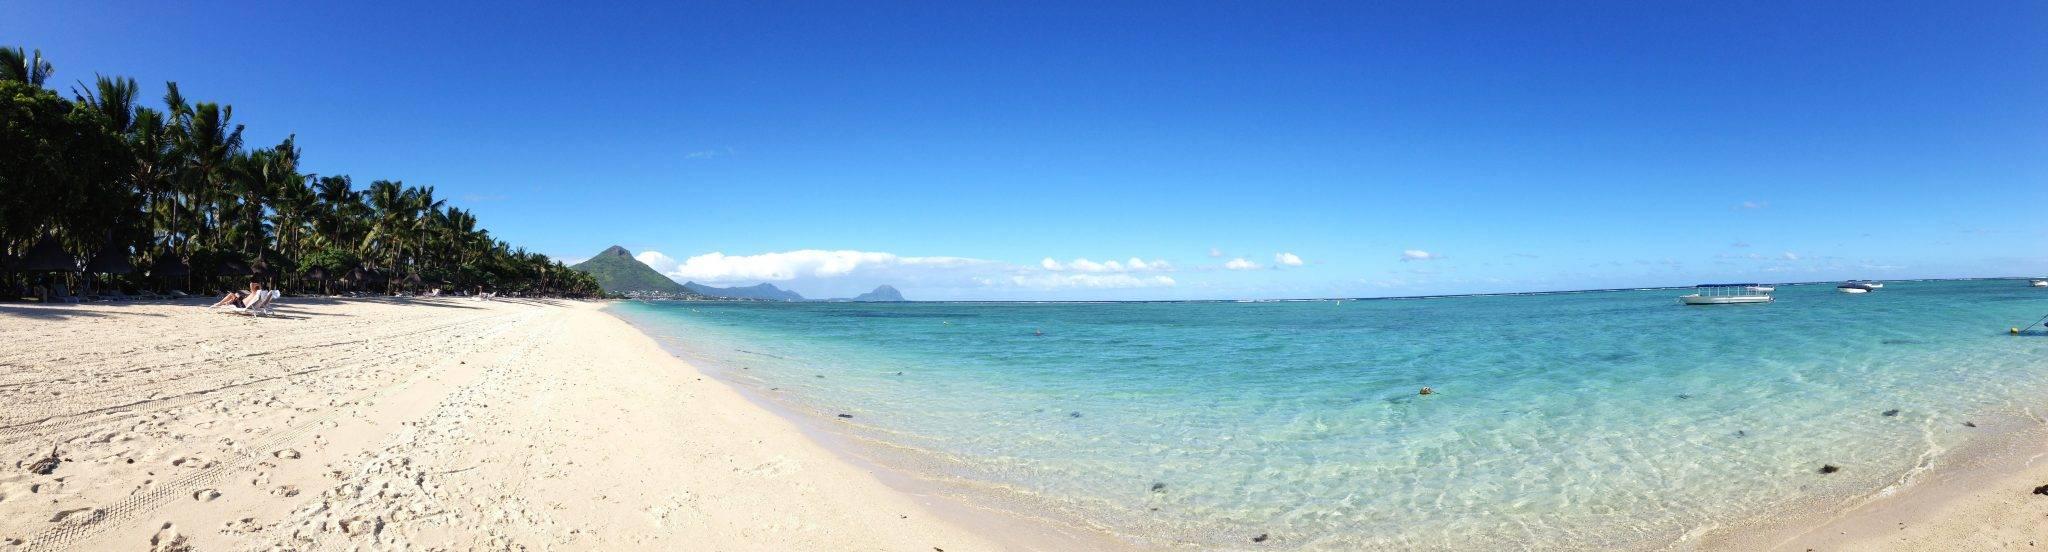 Natur in Mauritius